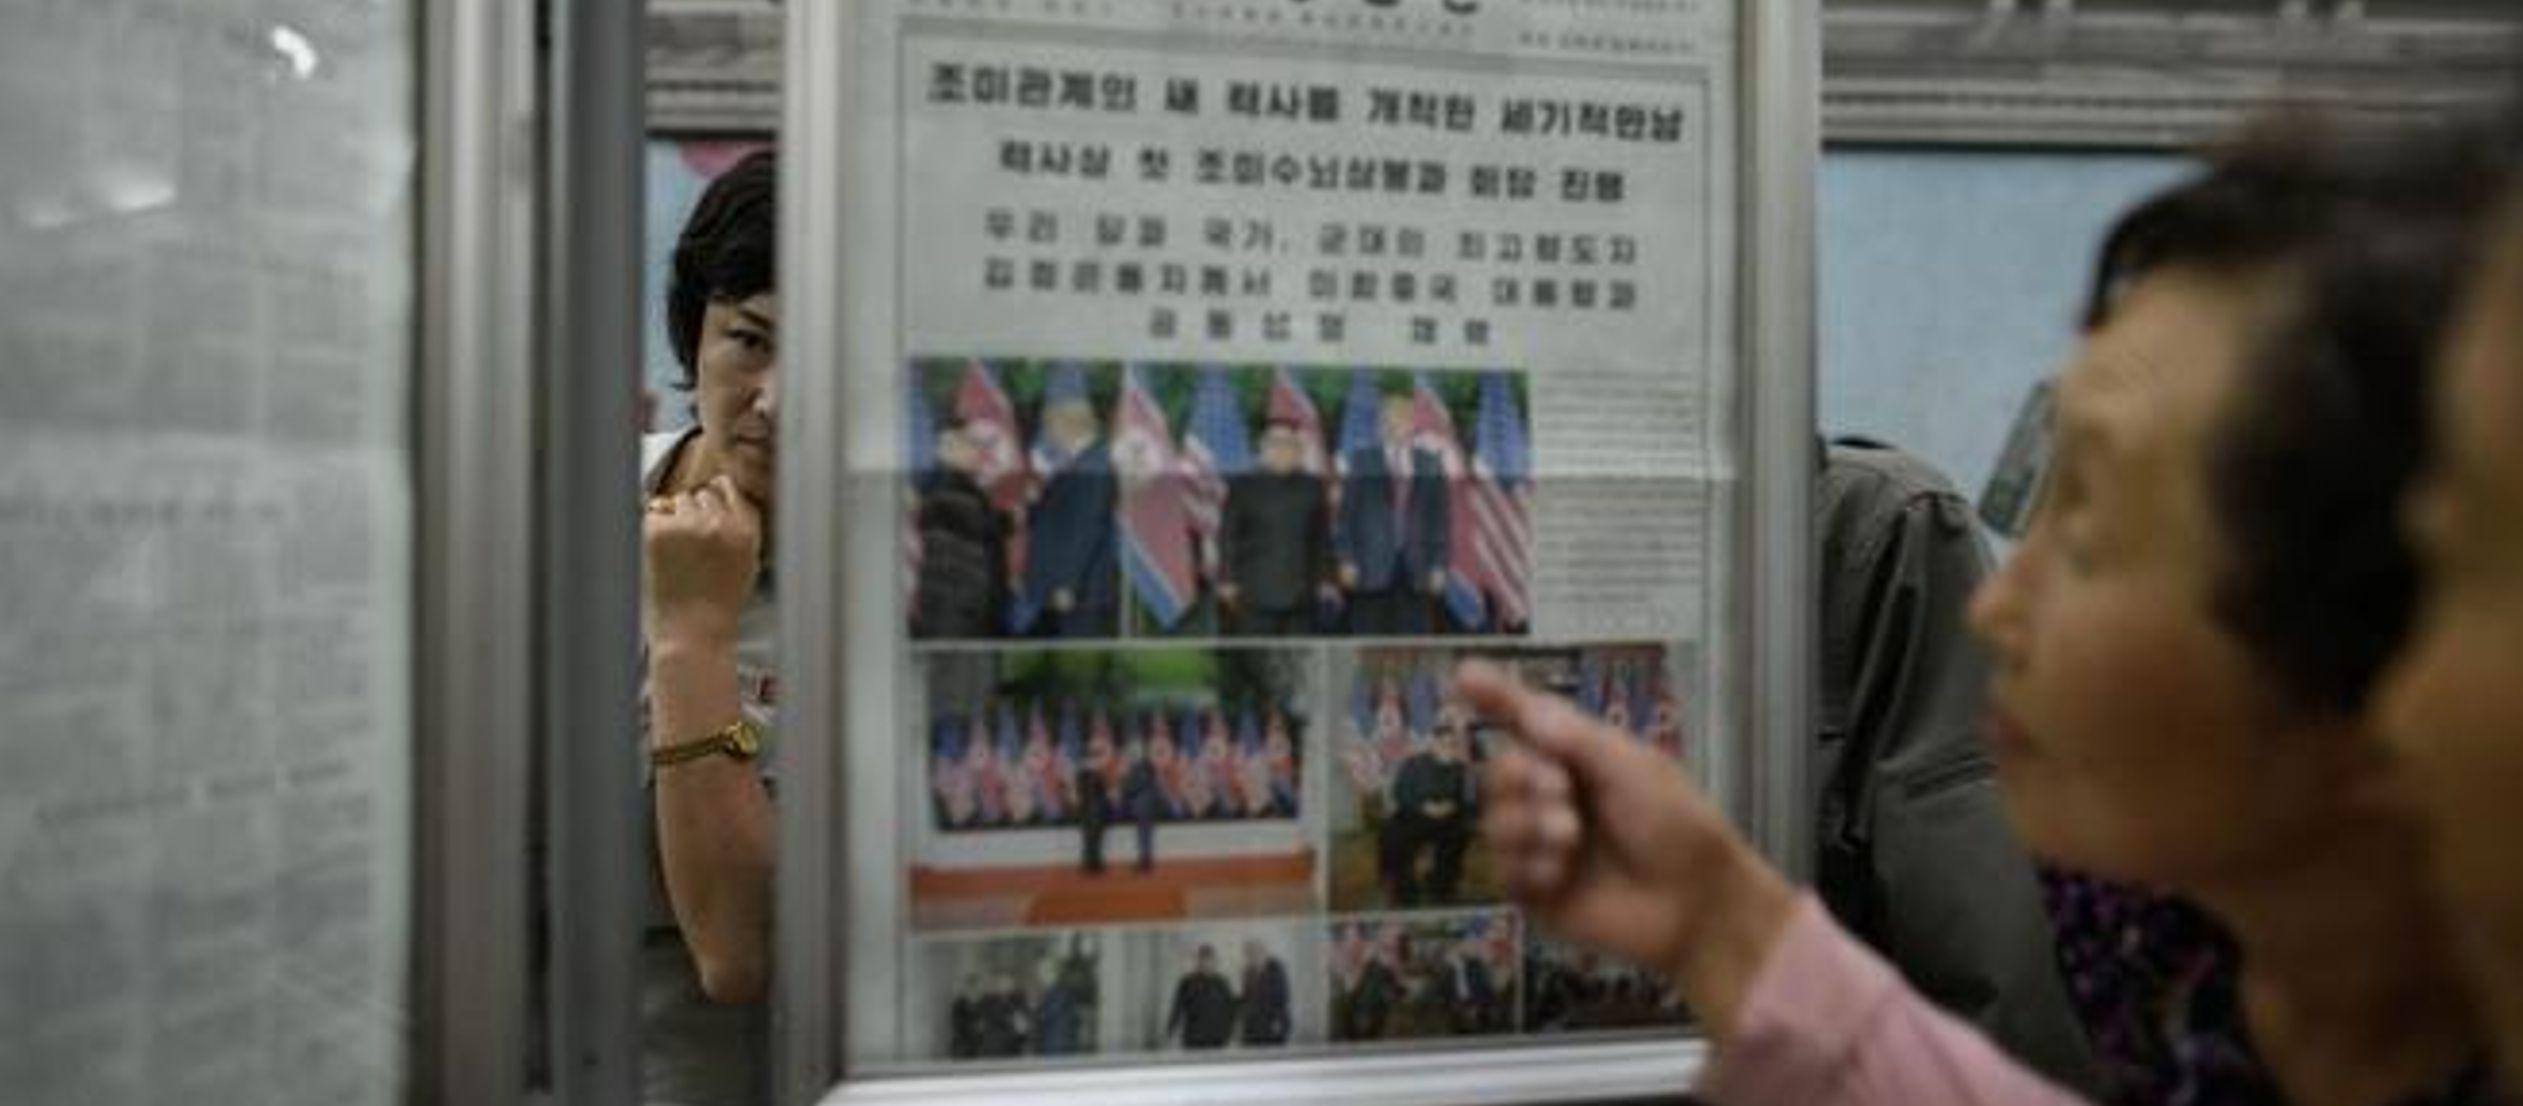 Según los medios norcoreanos, Trump y Kim Jong-un acordaron visitar sus respectivos...